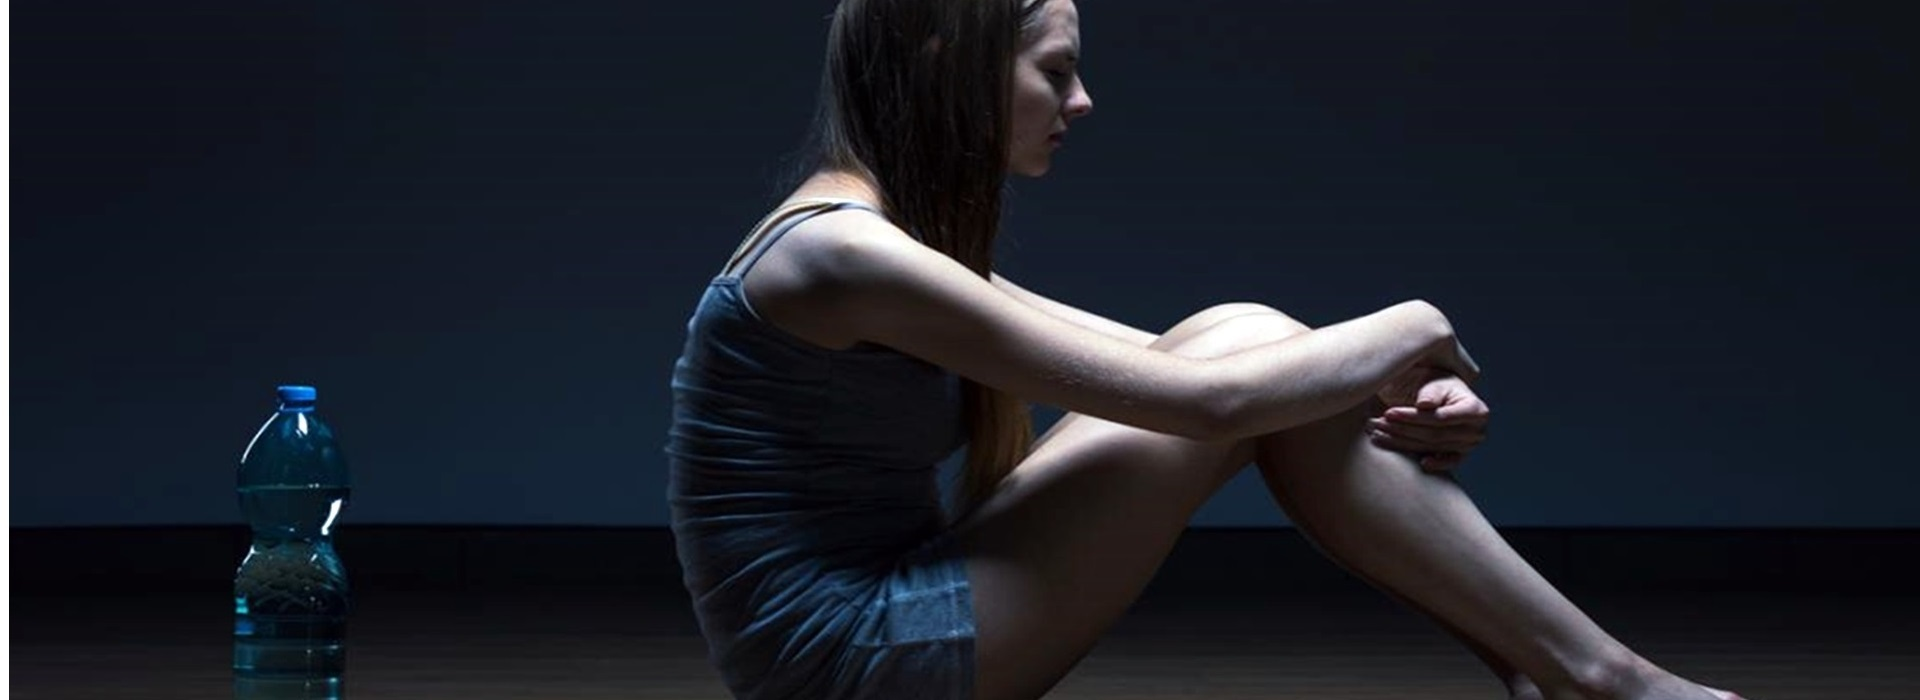 anoreksiya-nervoza